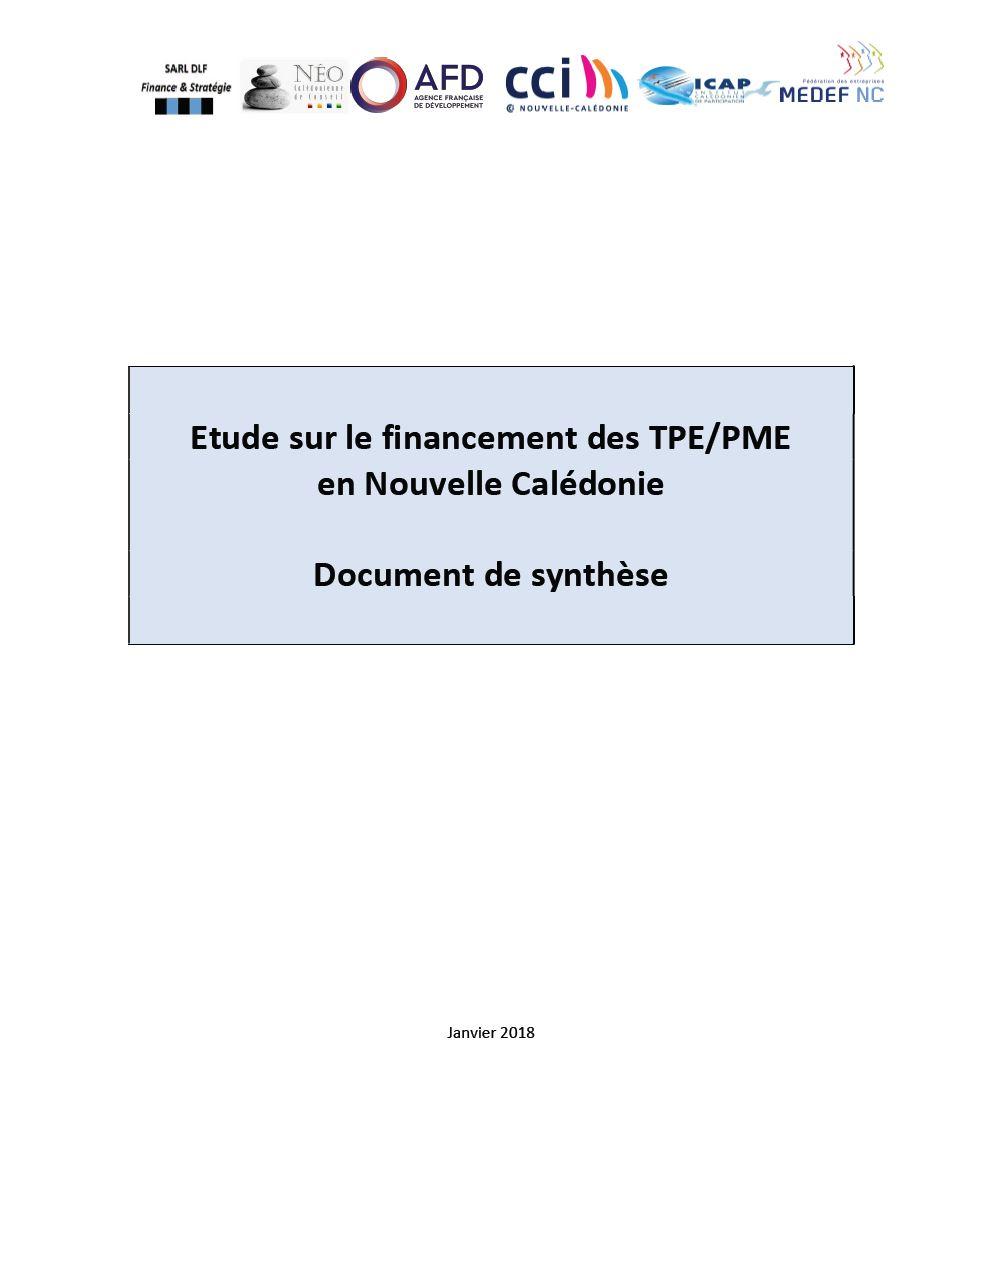 etude financement TPE PME Nouvelle-Calédonie